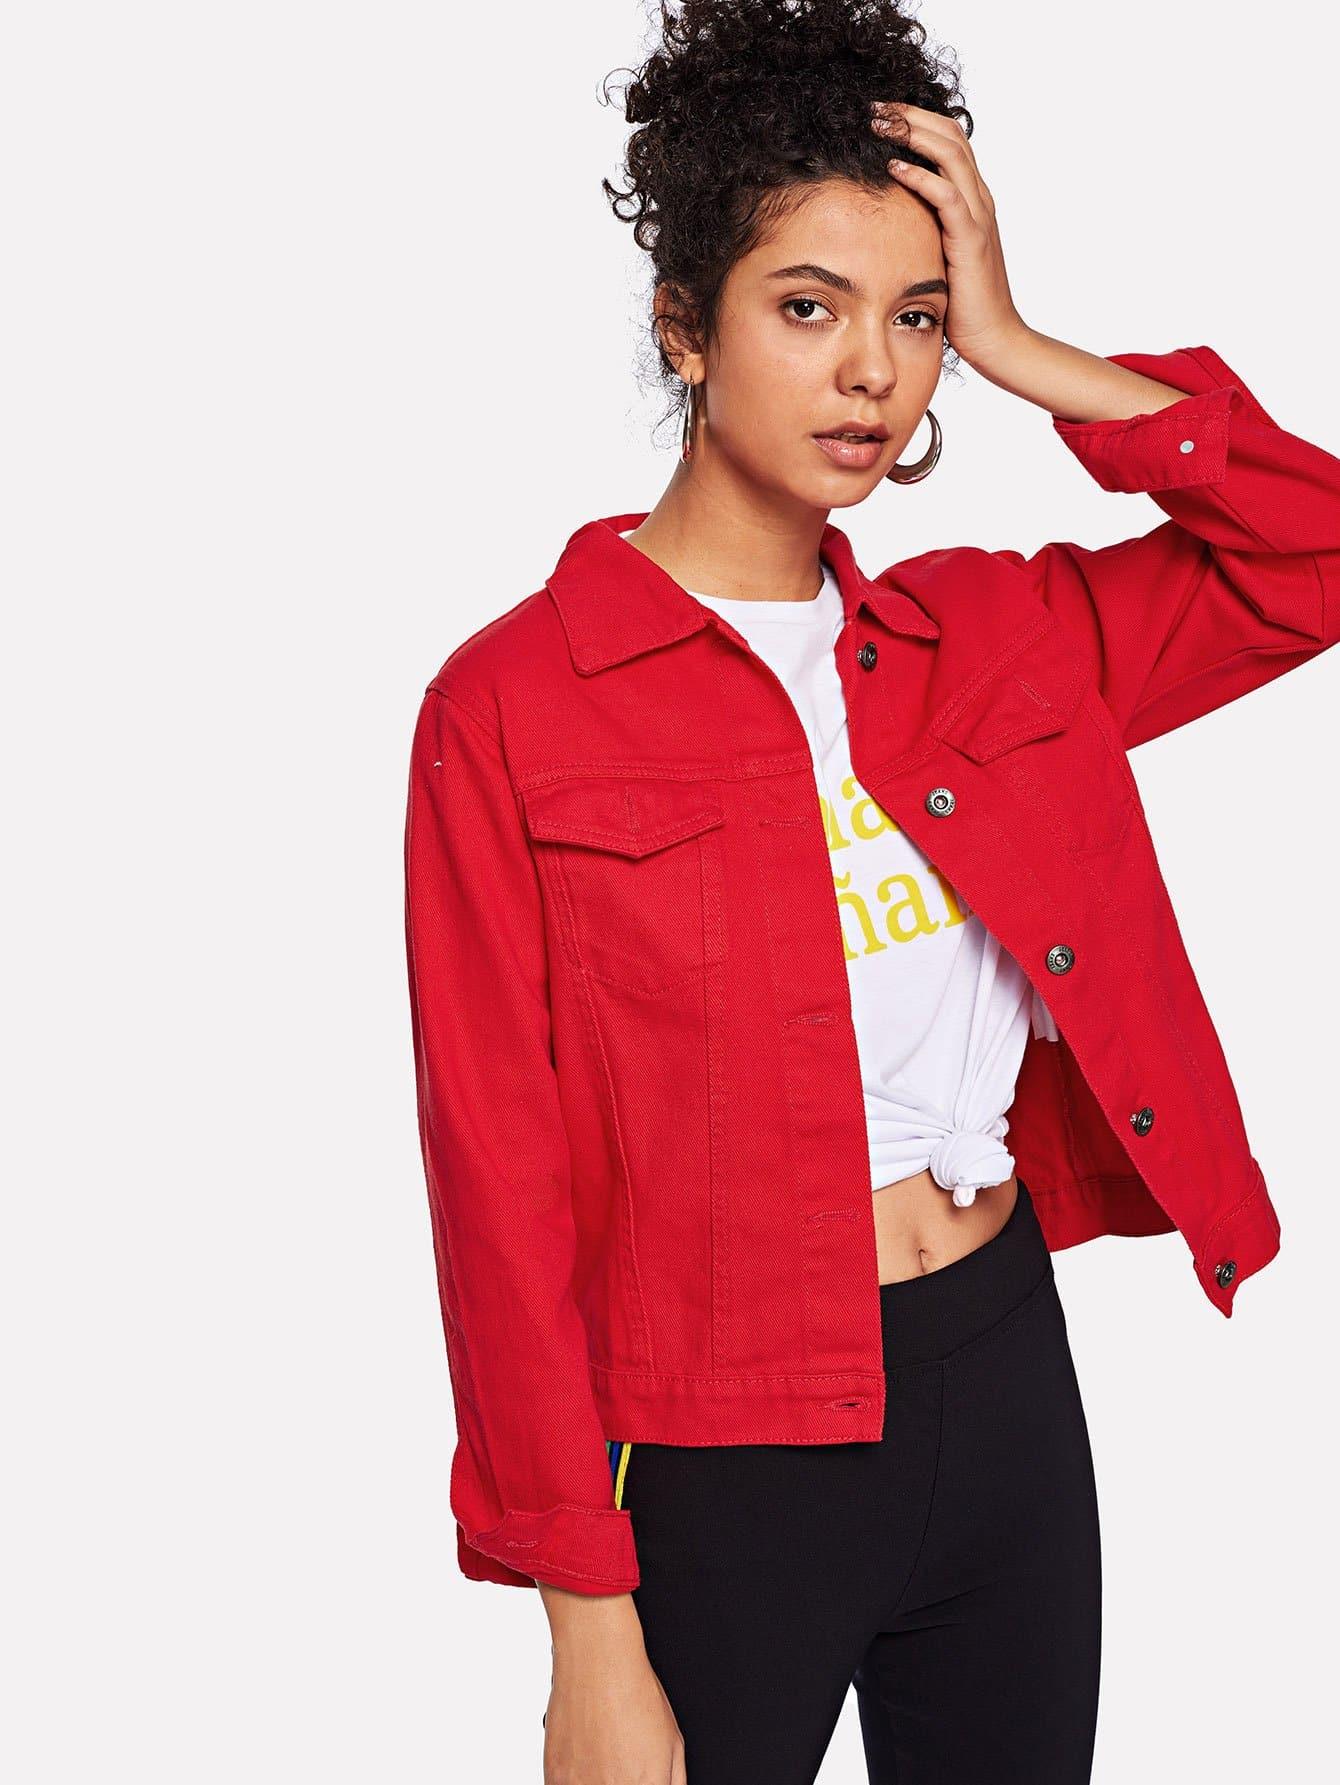 Купить Простая джинсовая куртка и с украшением пуговицы перед одежды, Starl Lane, SheIn